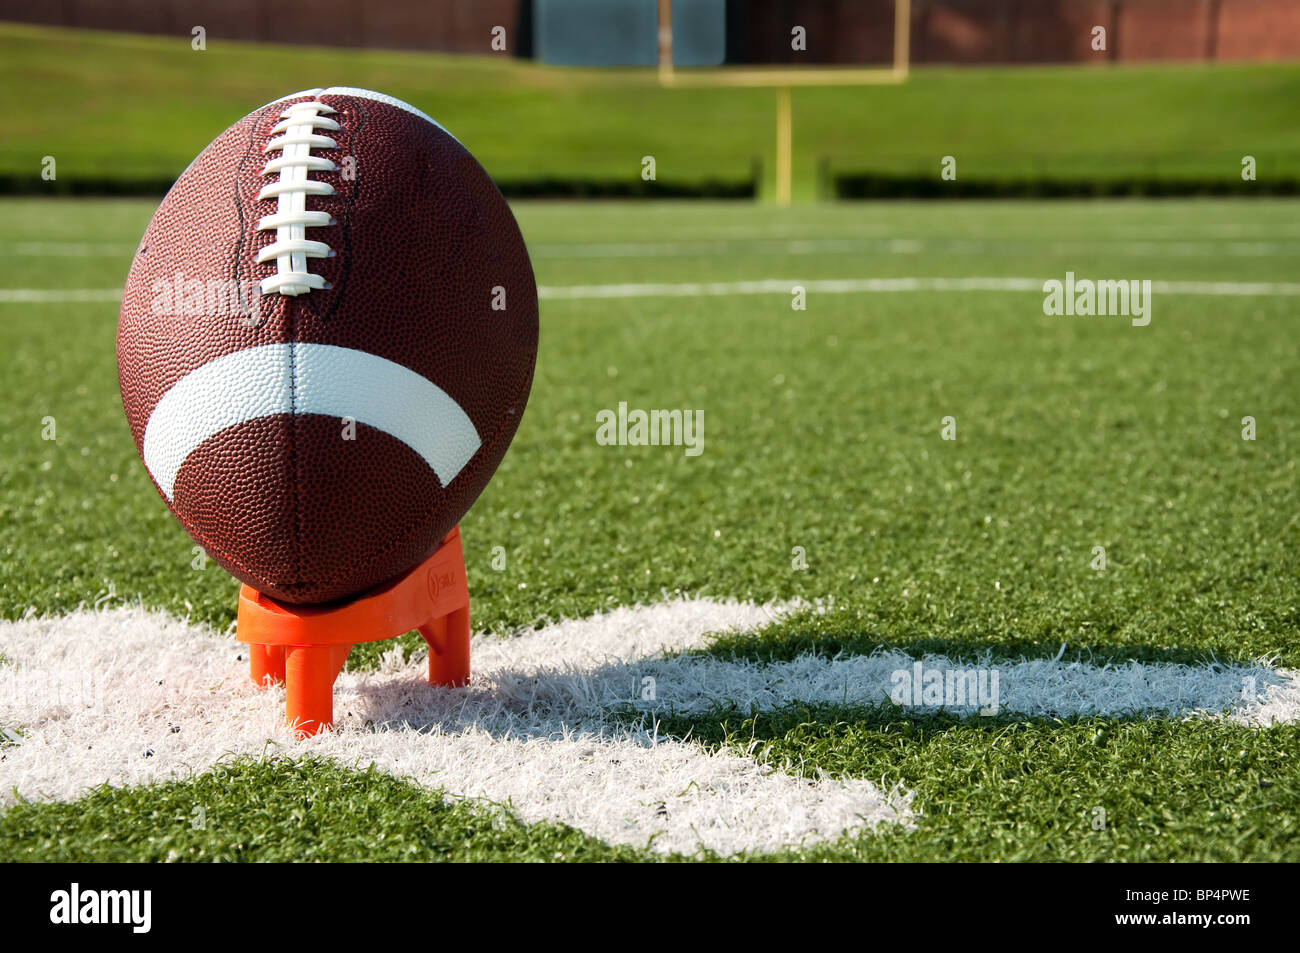 Il Football americano su Kicking Tee su campo Immagini Stock